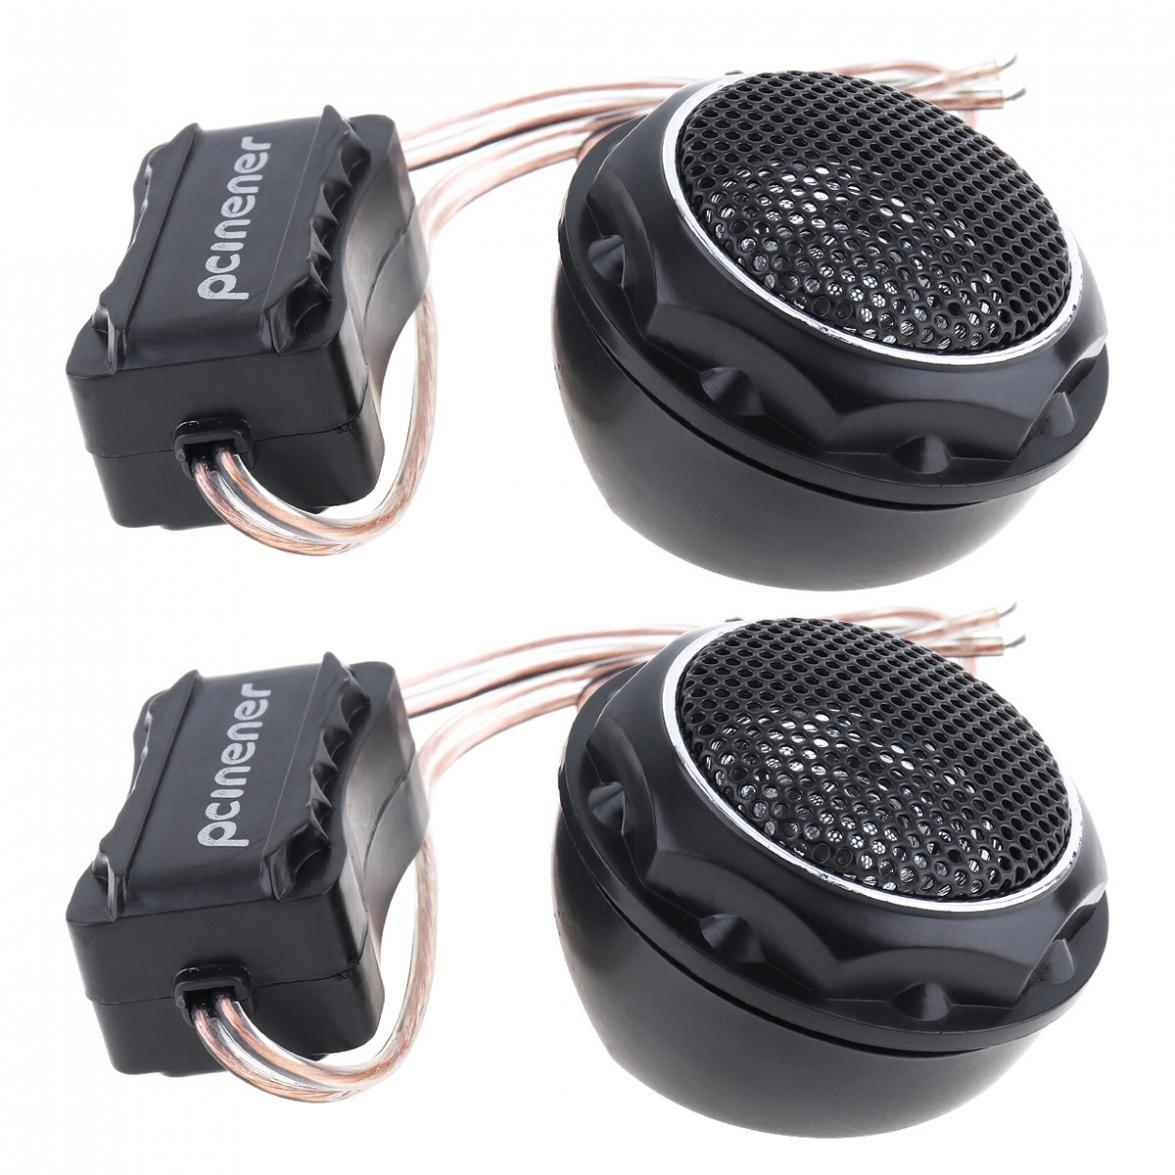 Mini caixa de som universal para carro,